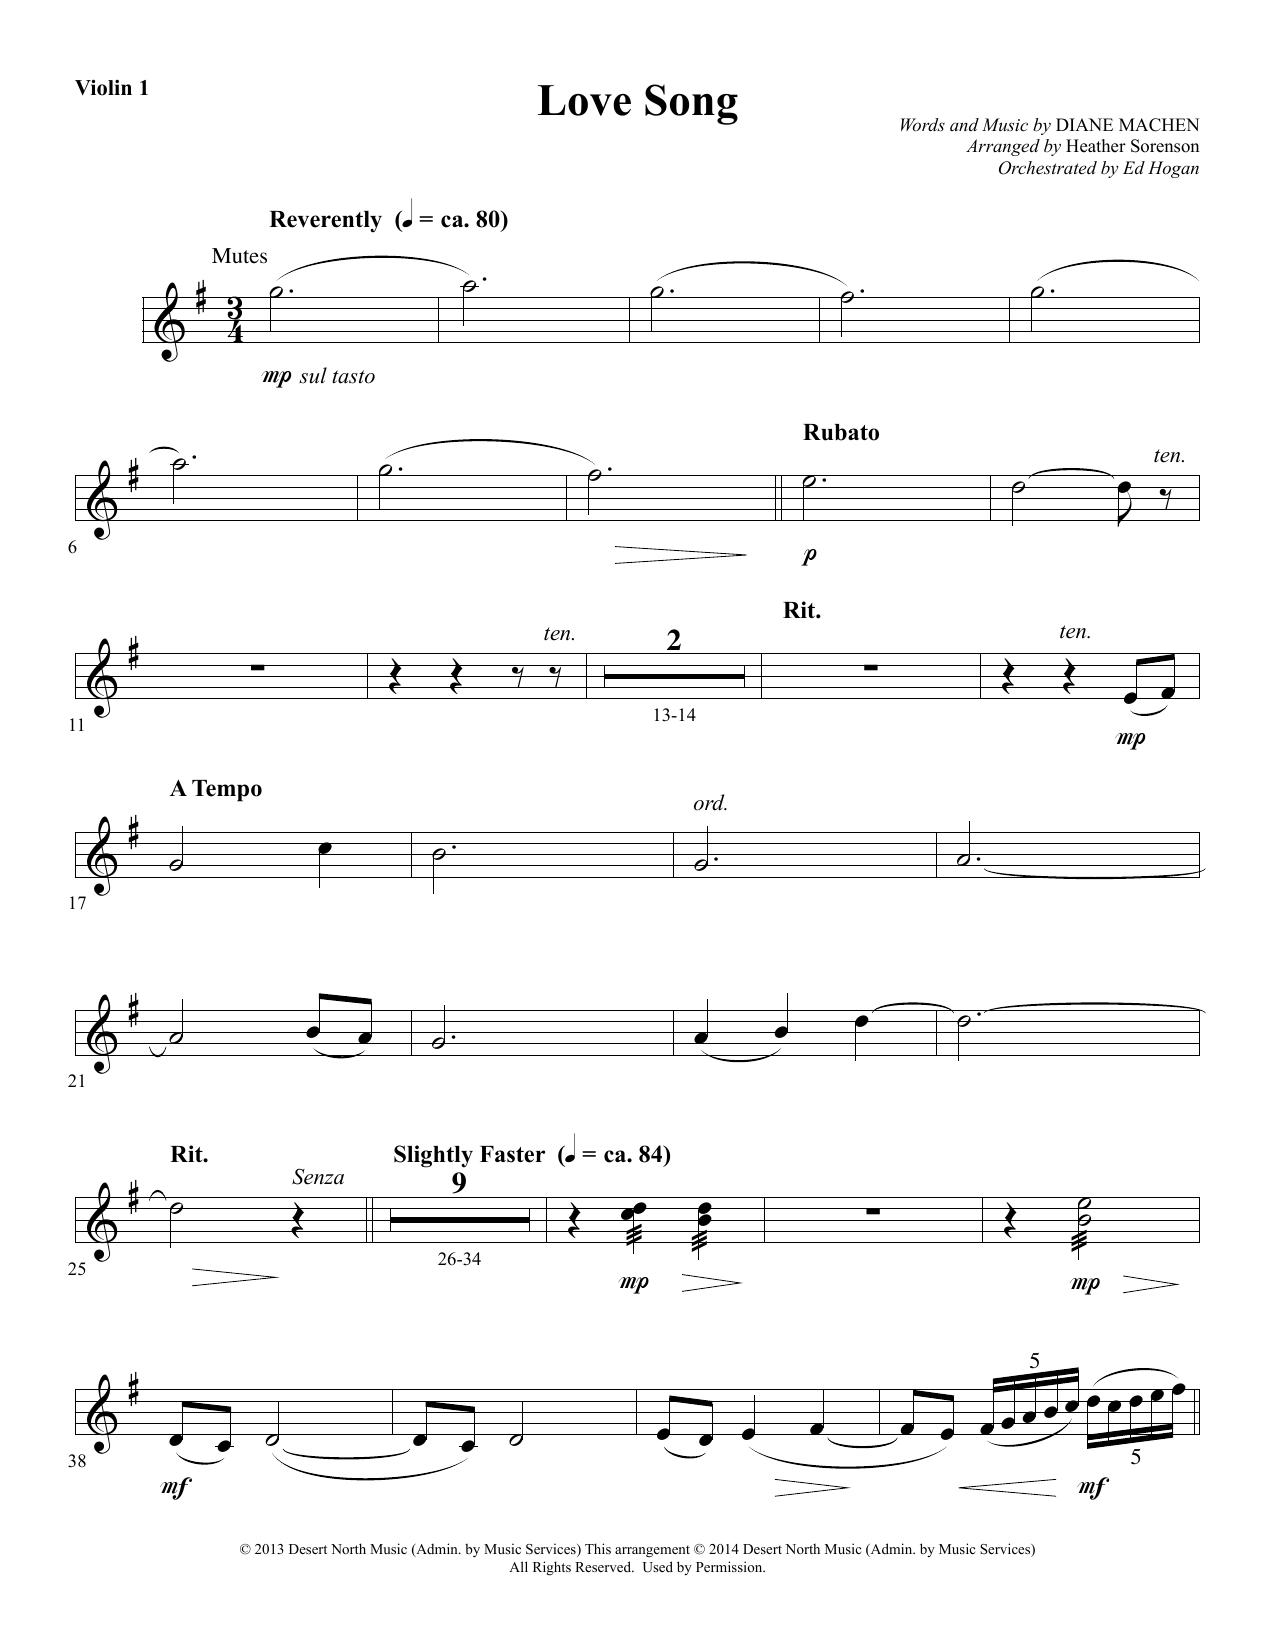 Love Song - Violin 1 sheet music